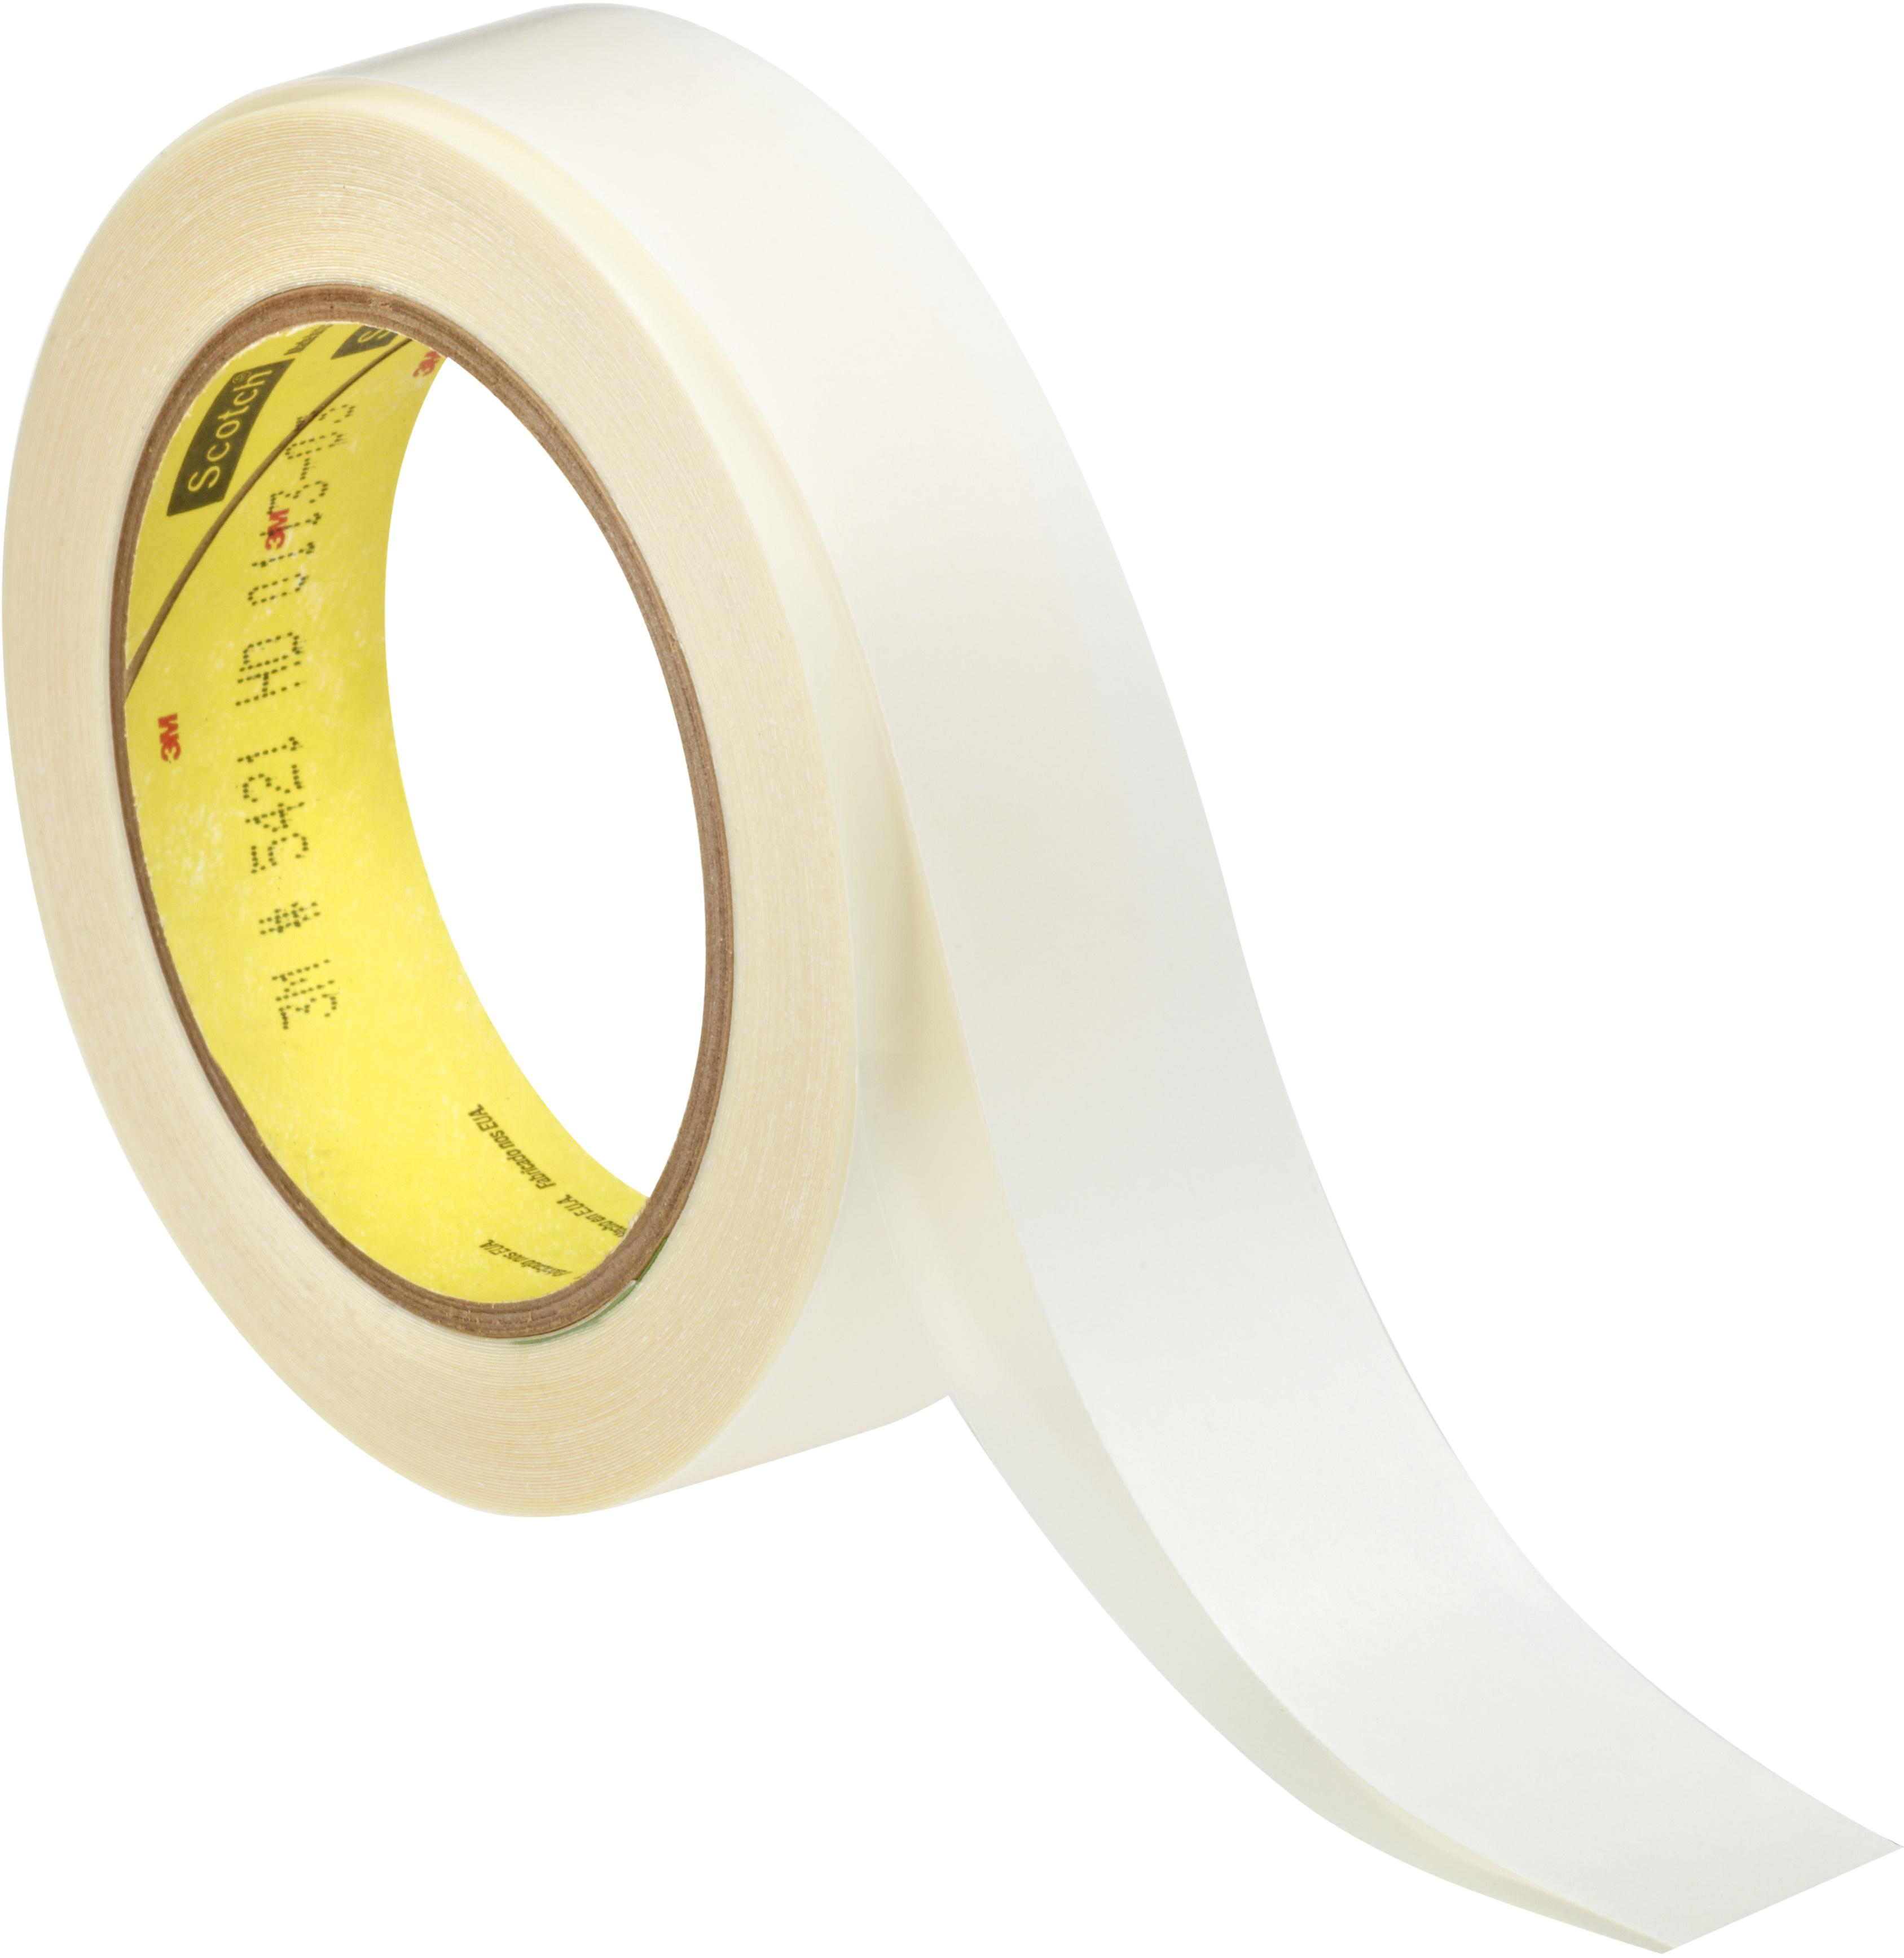 3m_uhmw-polyethylen-gleitklebeband_5421